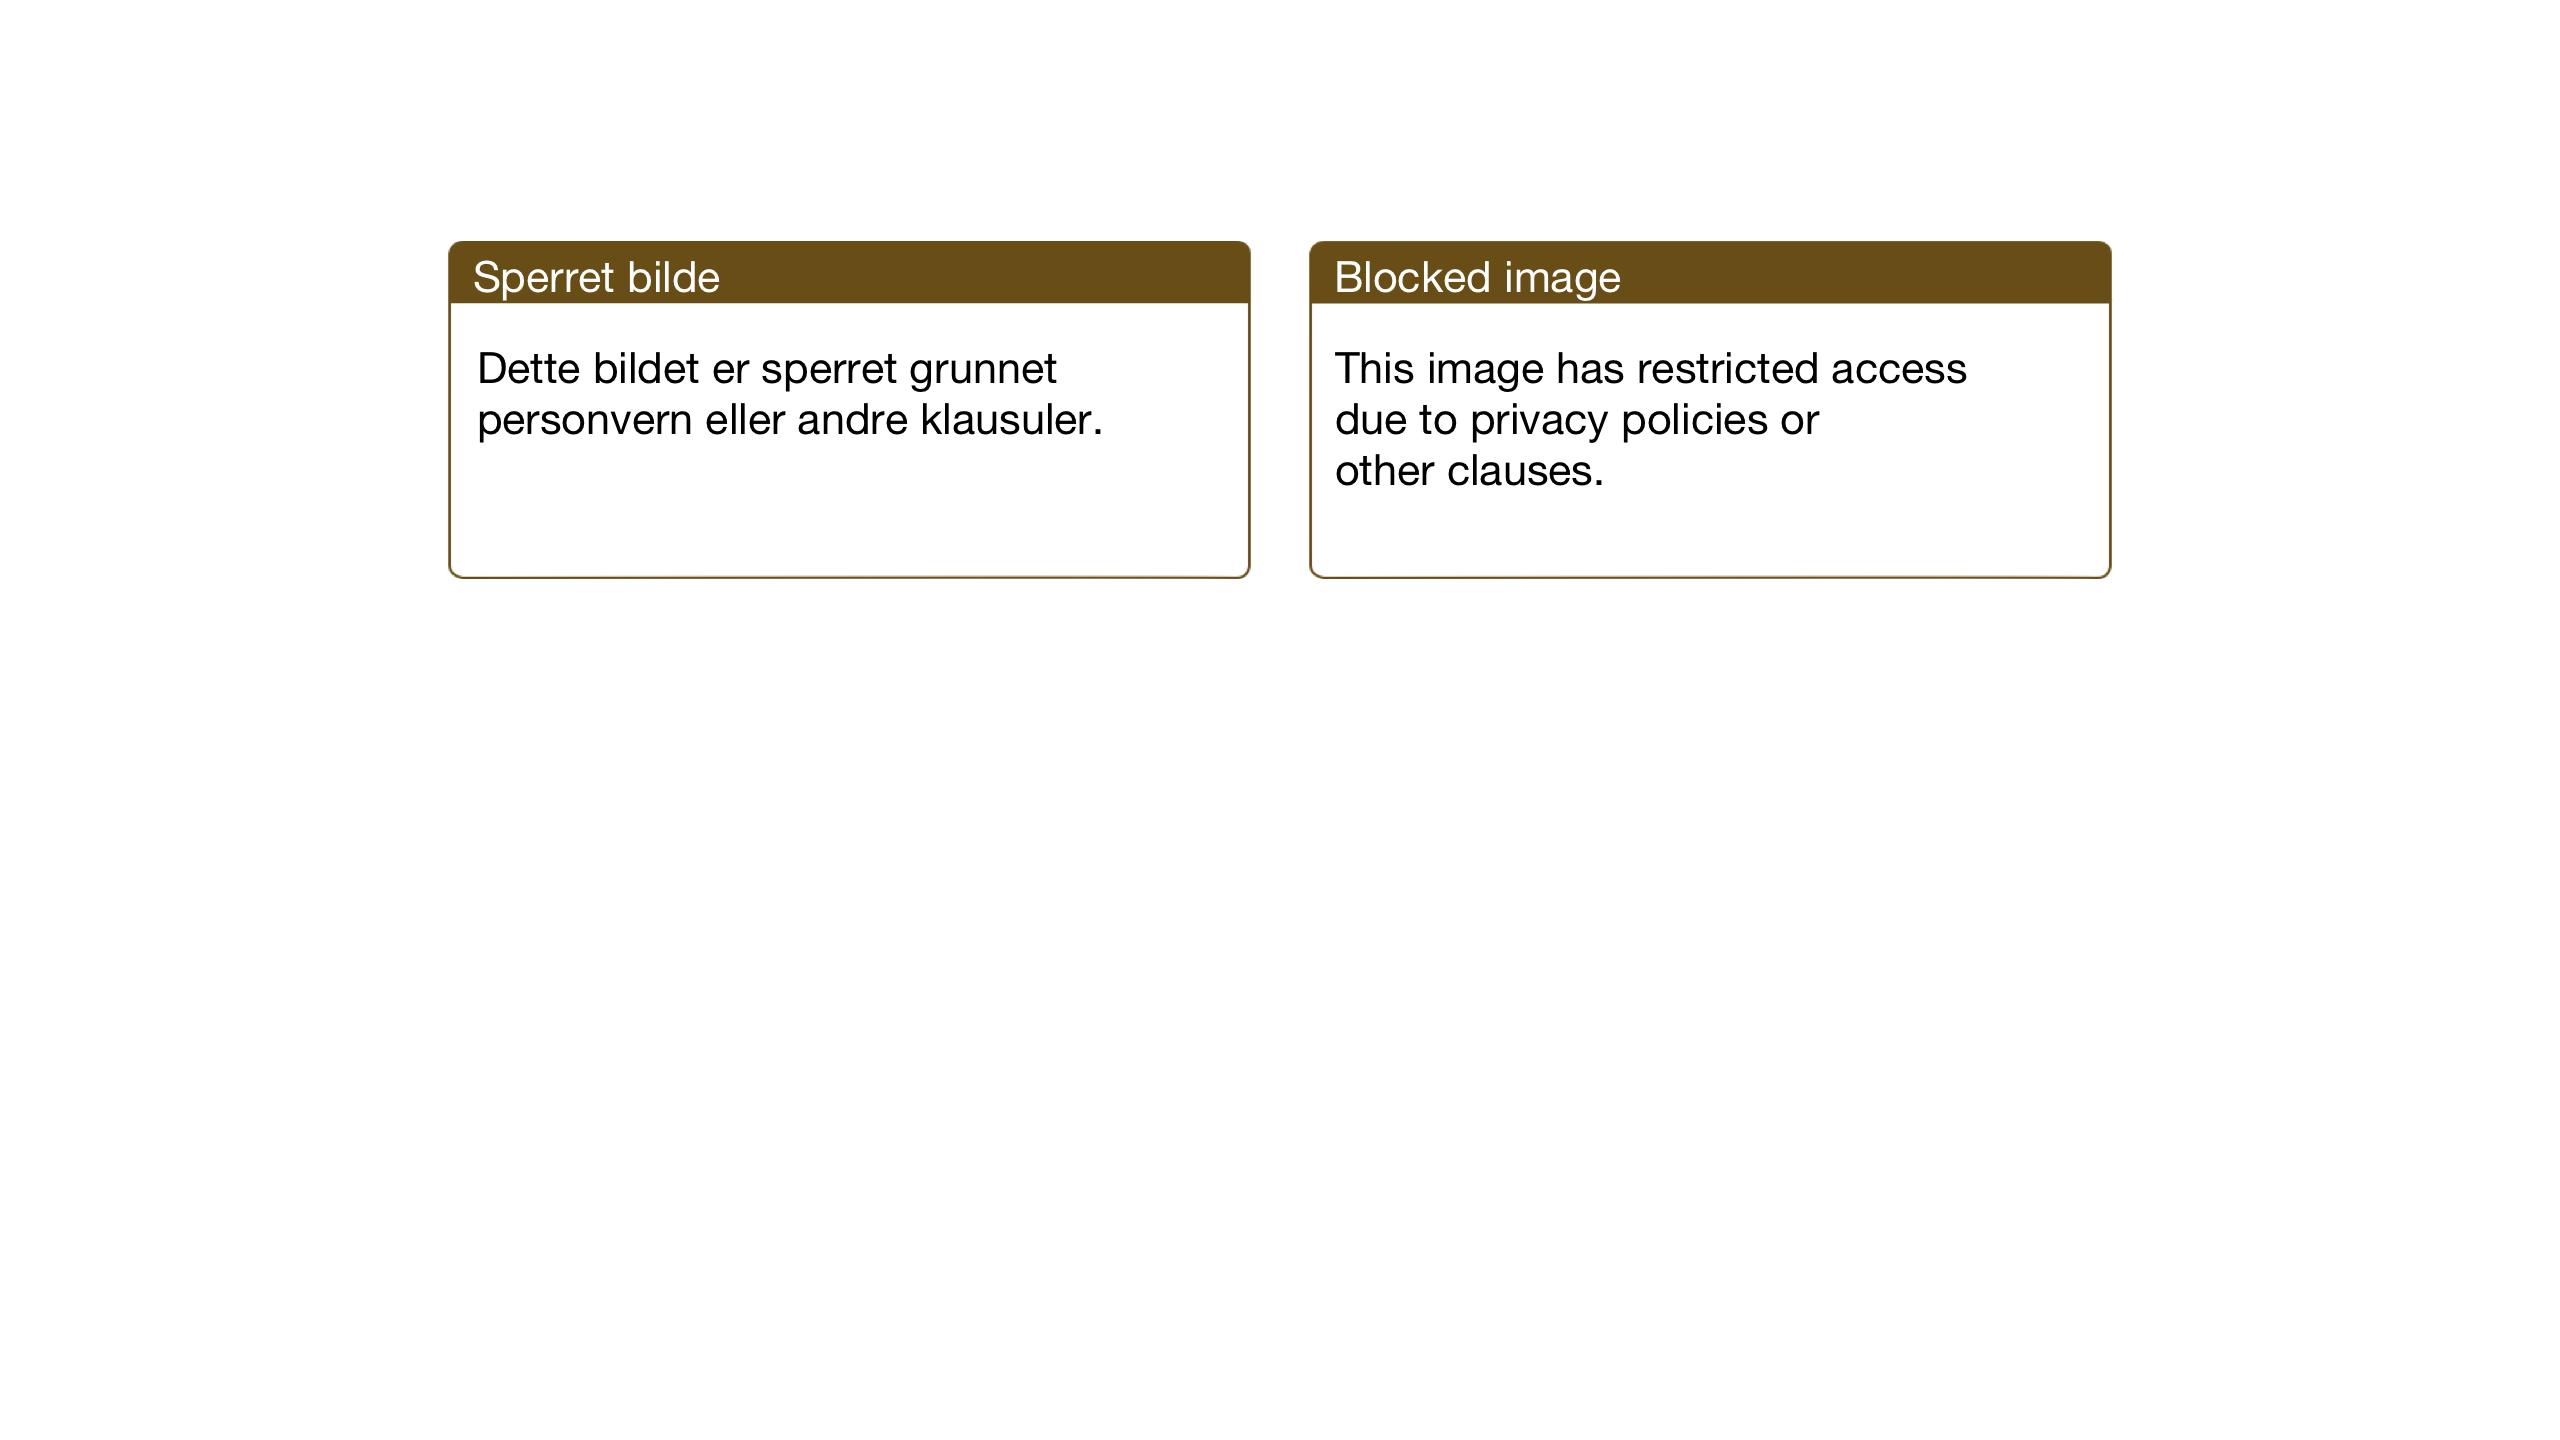 SAT, Ministerialprotokoller, klokkerbøker og fødselsregistre - Sør-Trøndelag, 670/L0837: Klokkerbok nr. 670C01, 1905-1946, s. 194-195